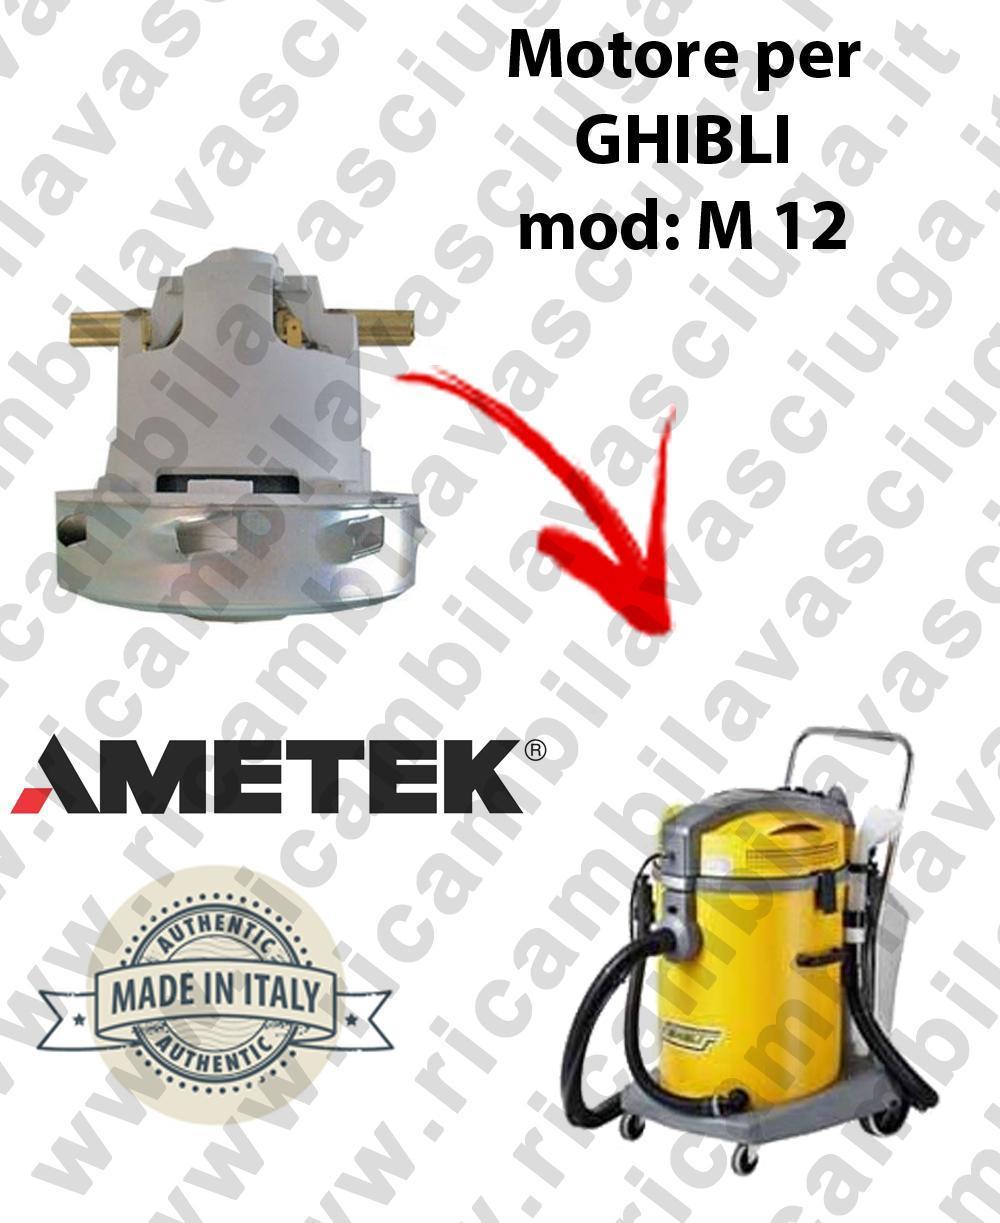 M 12 MOTEUR ASPIRATION pour machine d'extracteur moquette GHIBLI